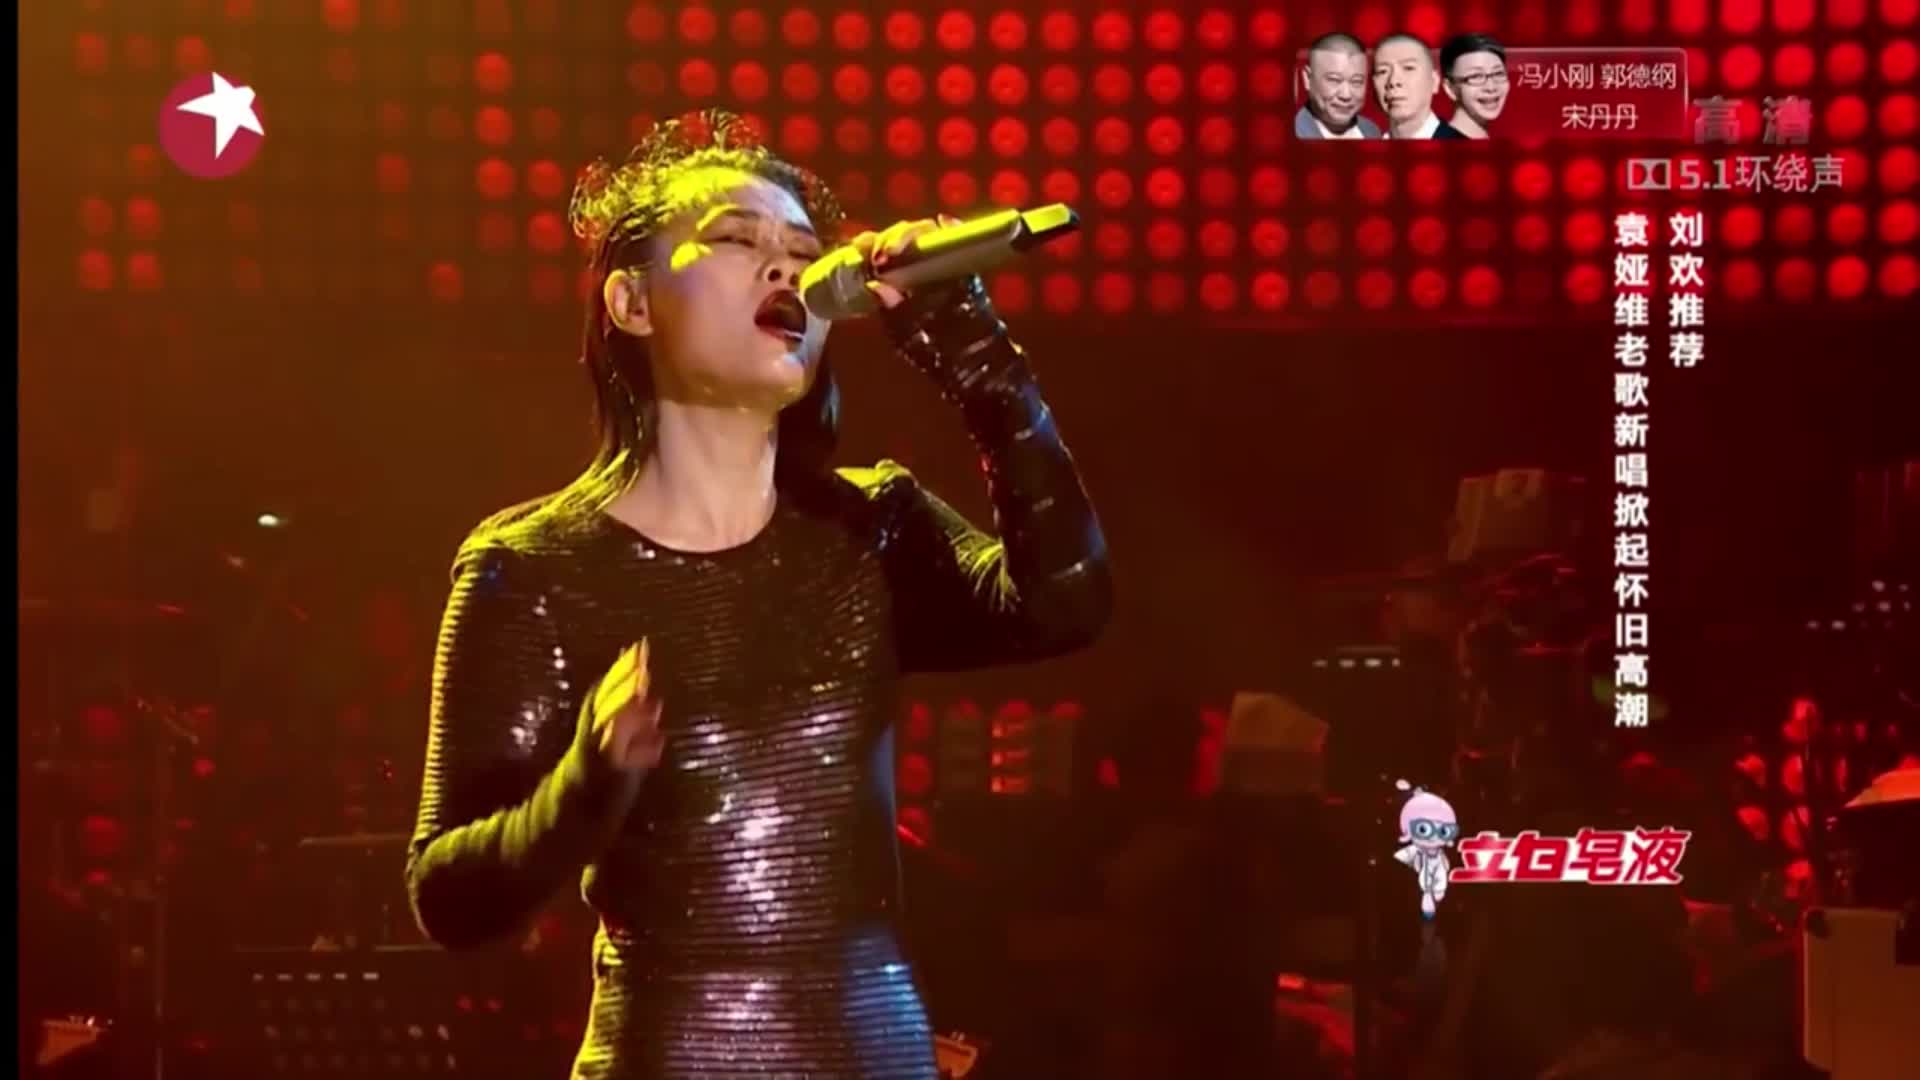 中国之星:袁娅维老歌新唱,花儿为什么这样红,赢观众掌声